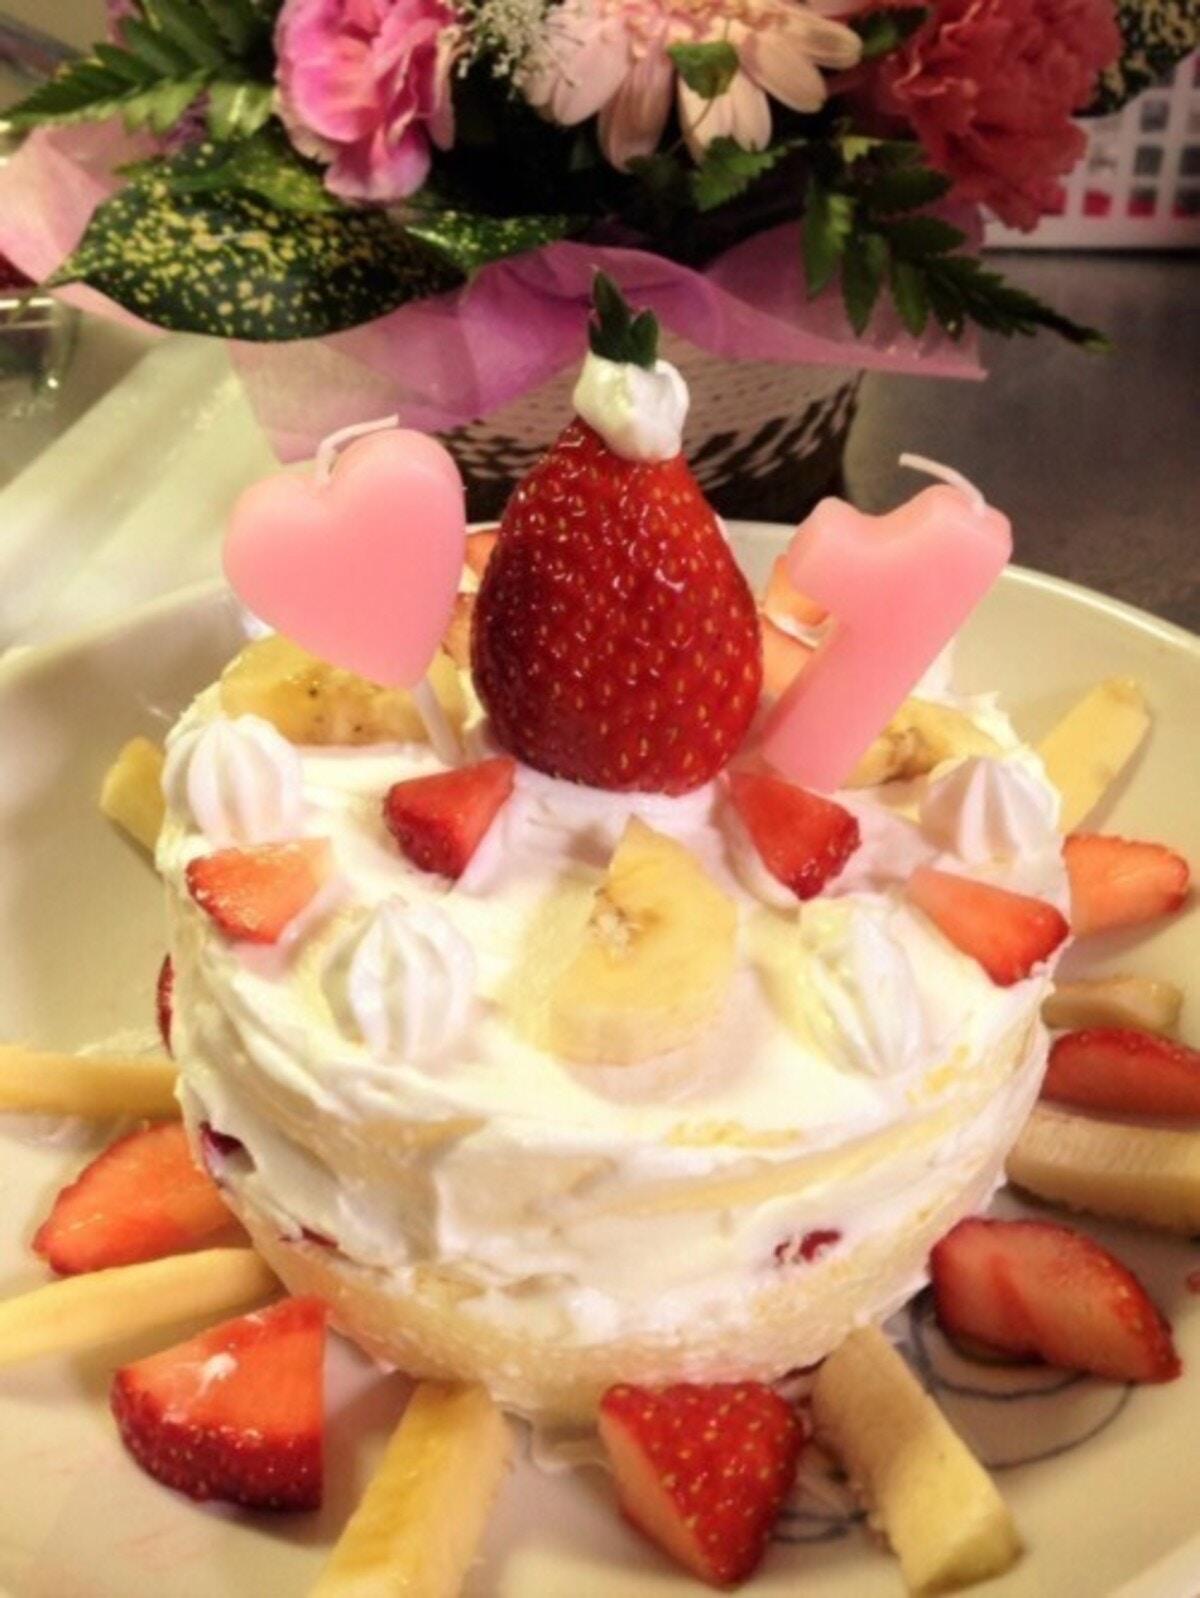 市販のケーキセットを使用した1歳お誕生日ケーキ